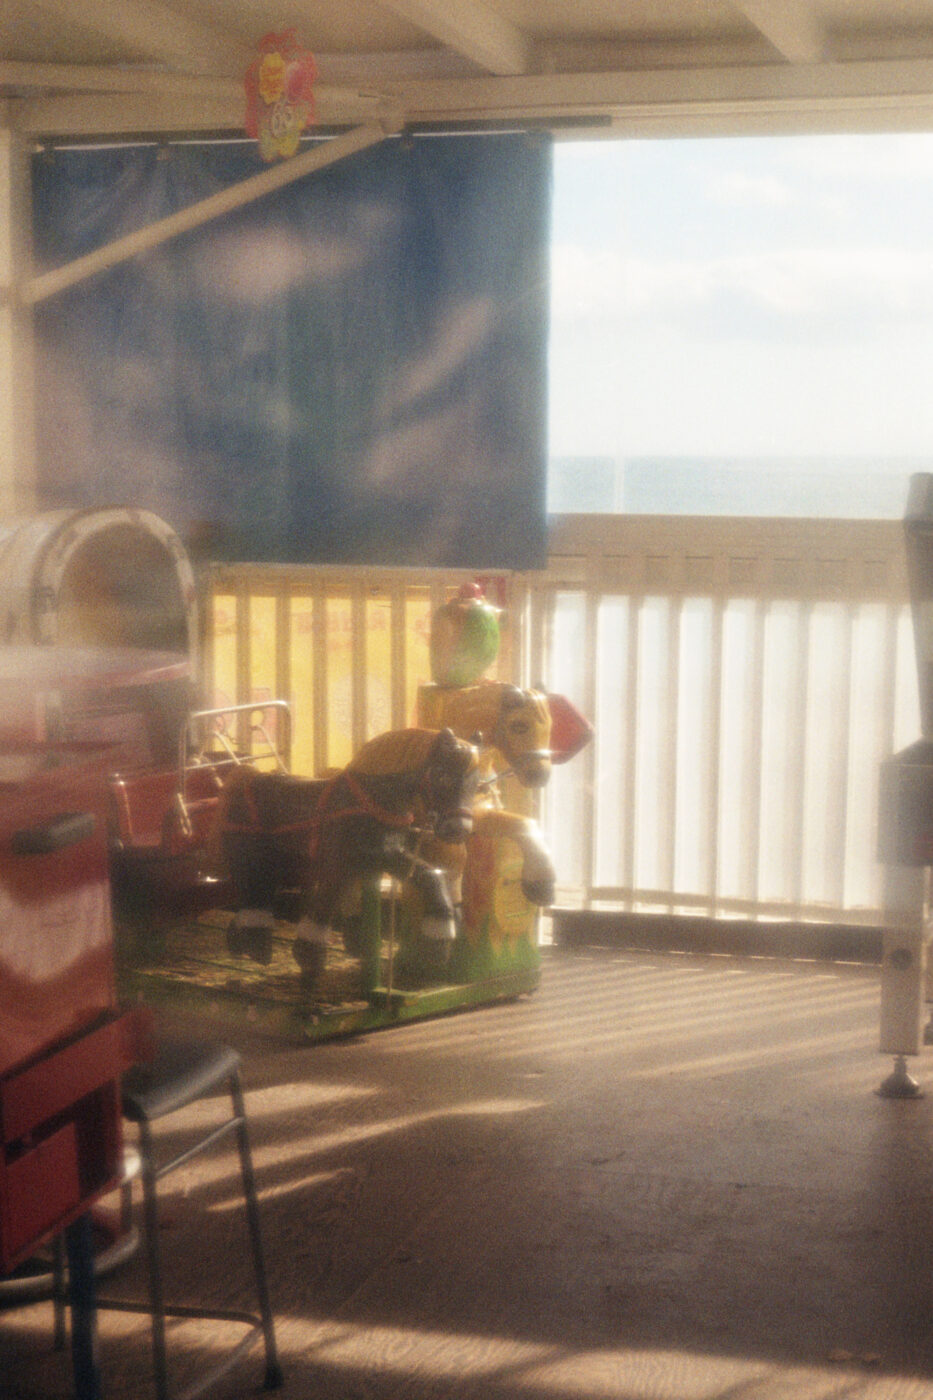 A nostalgia for the Italian summer - Scenario A visual journey by Camilla Glorioso - Sicilia